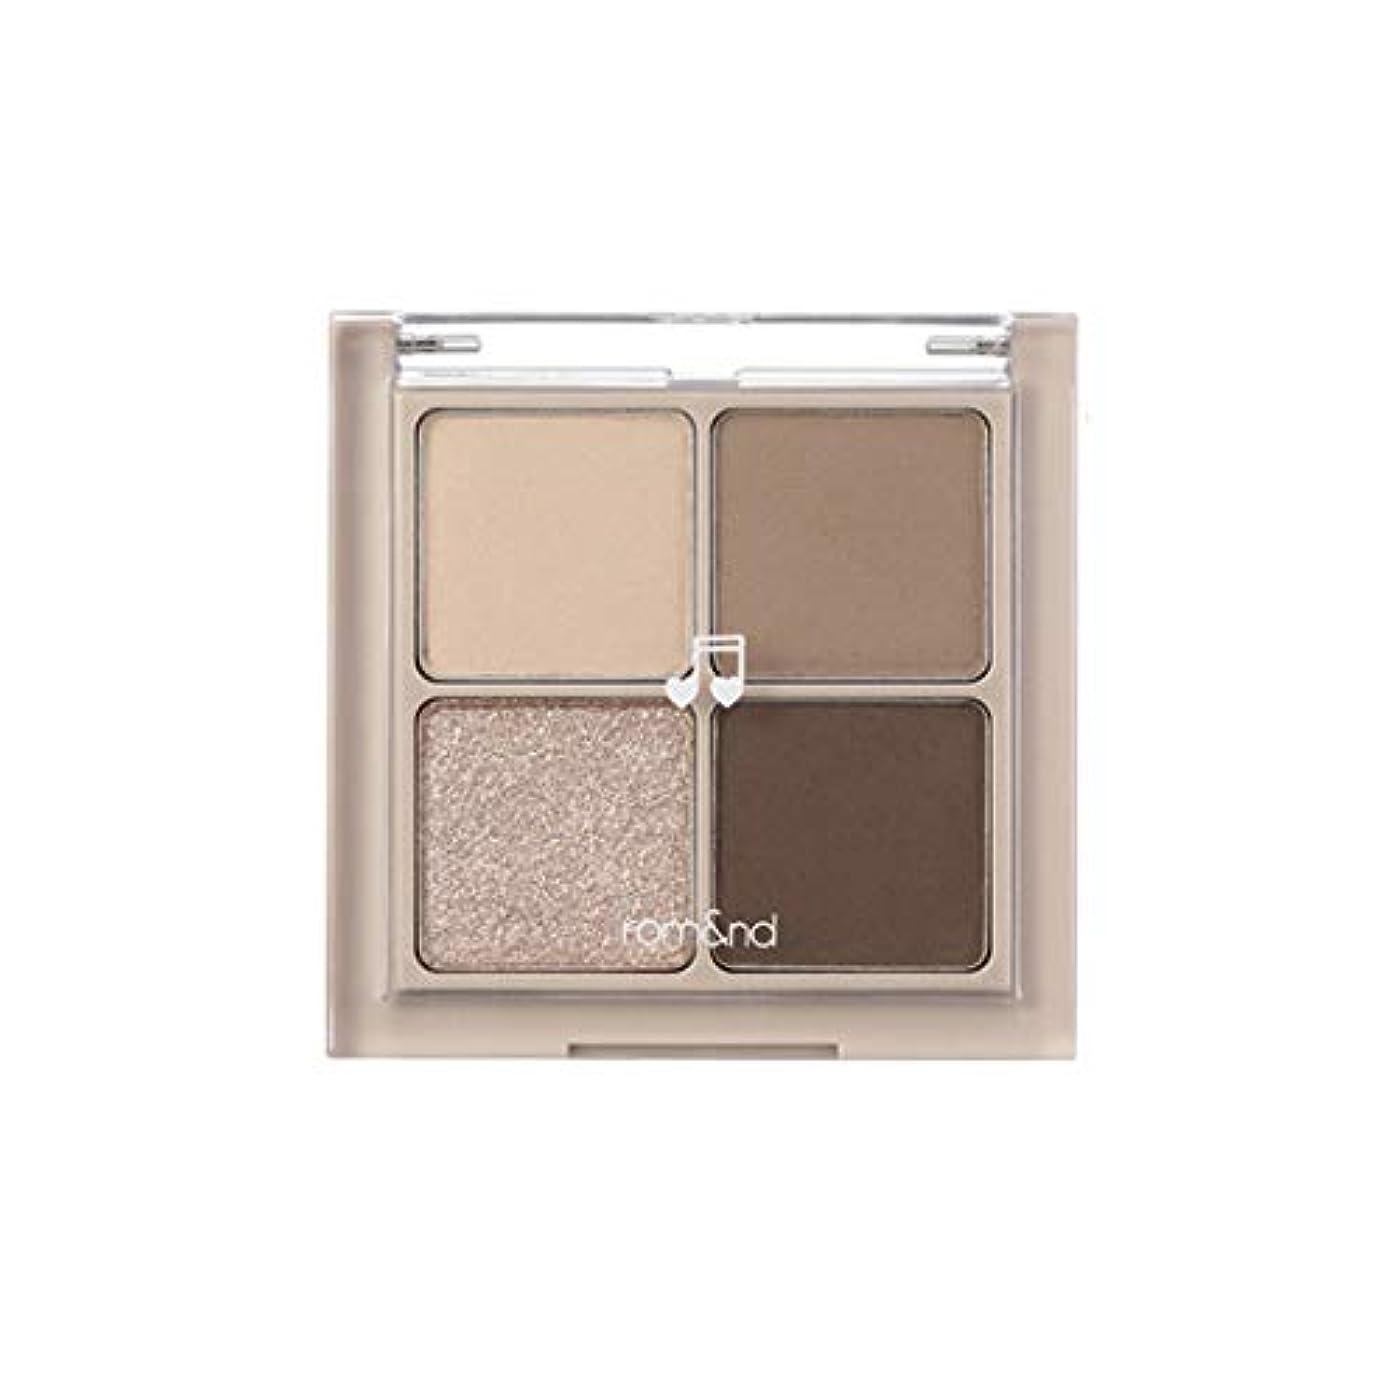 める乳白色はげrom&nd BETTER THAN EYES Eyeshadow Palette 4色のアイシャドウパレット # M2 DRY buckwheat flower(並行輸入品)